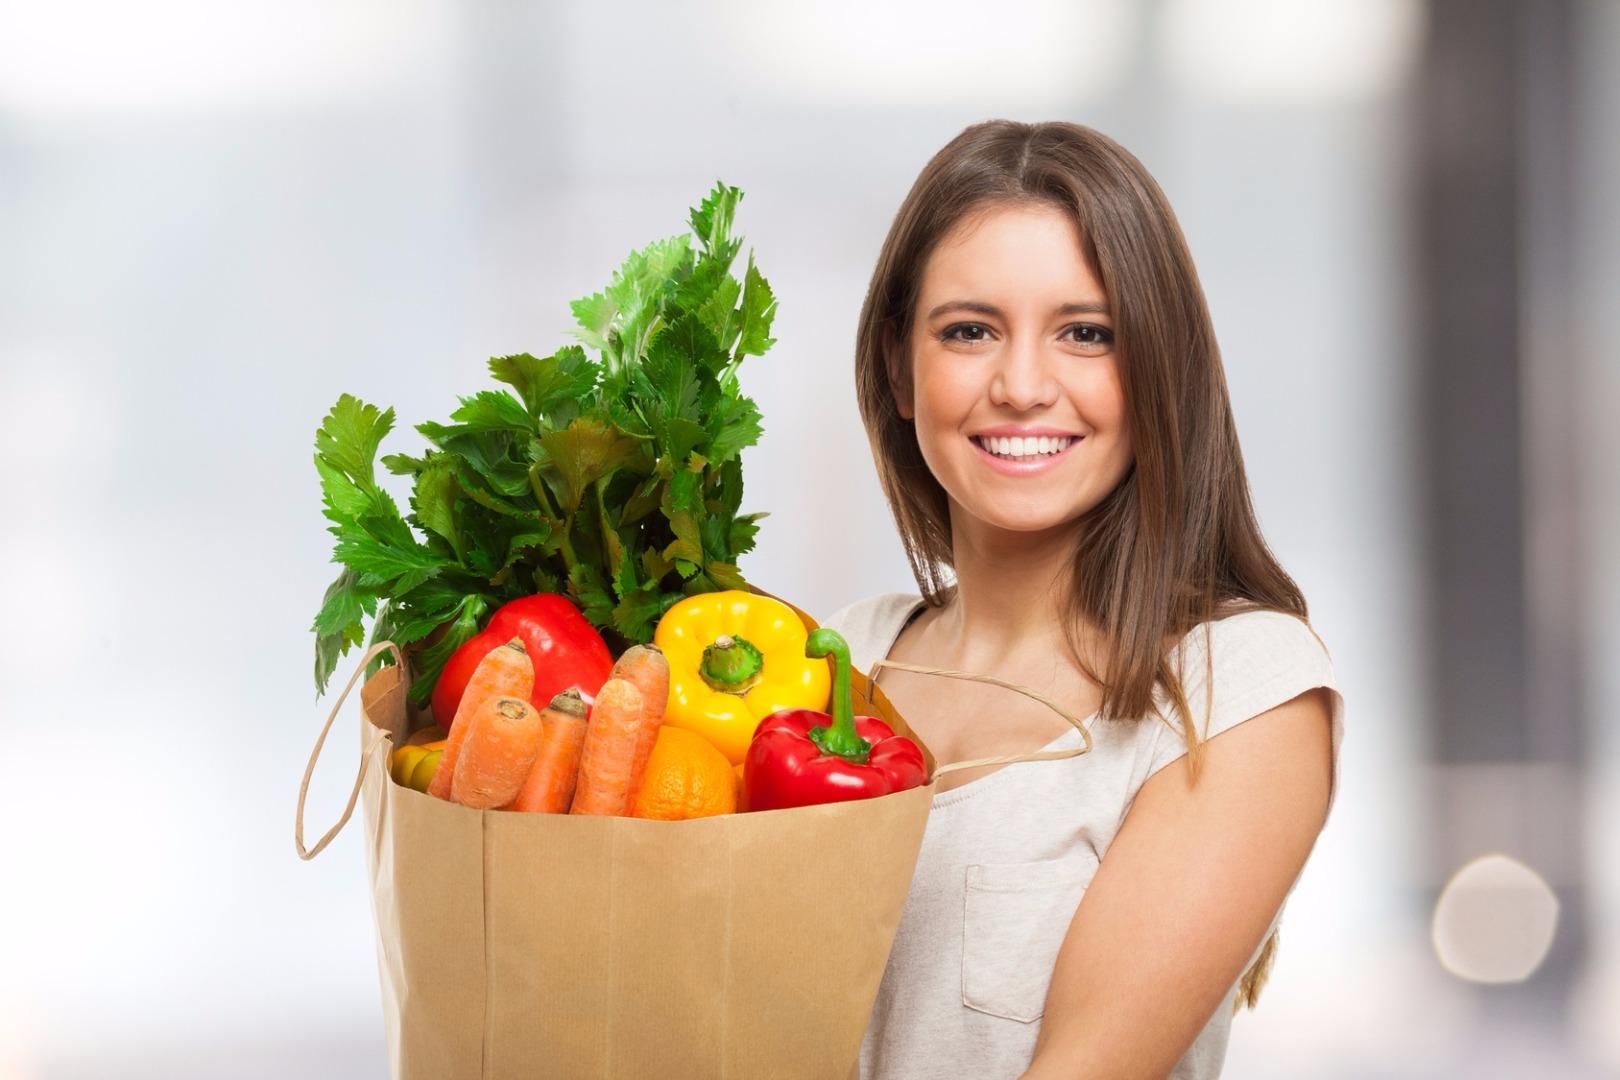 10 motive să renunți la carne și să devii vegetarian